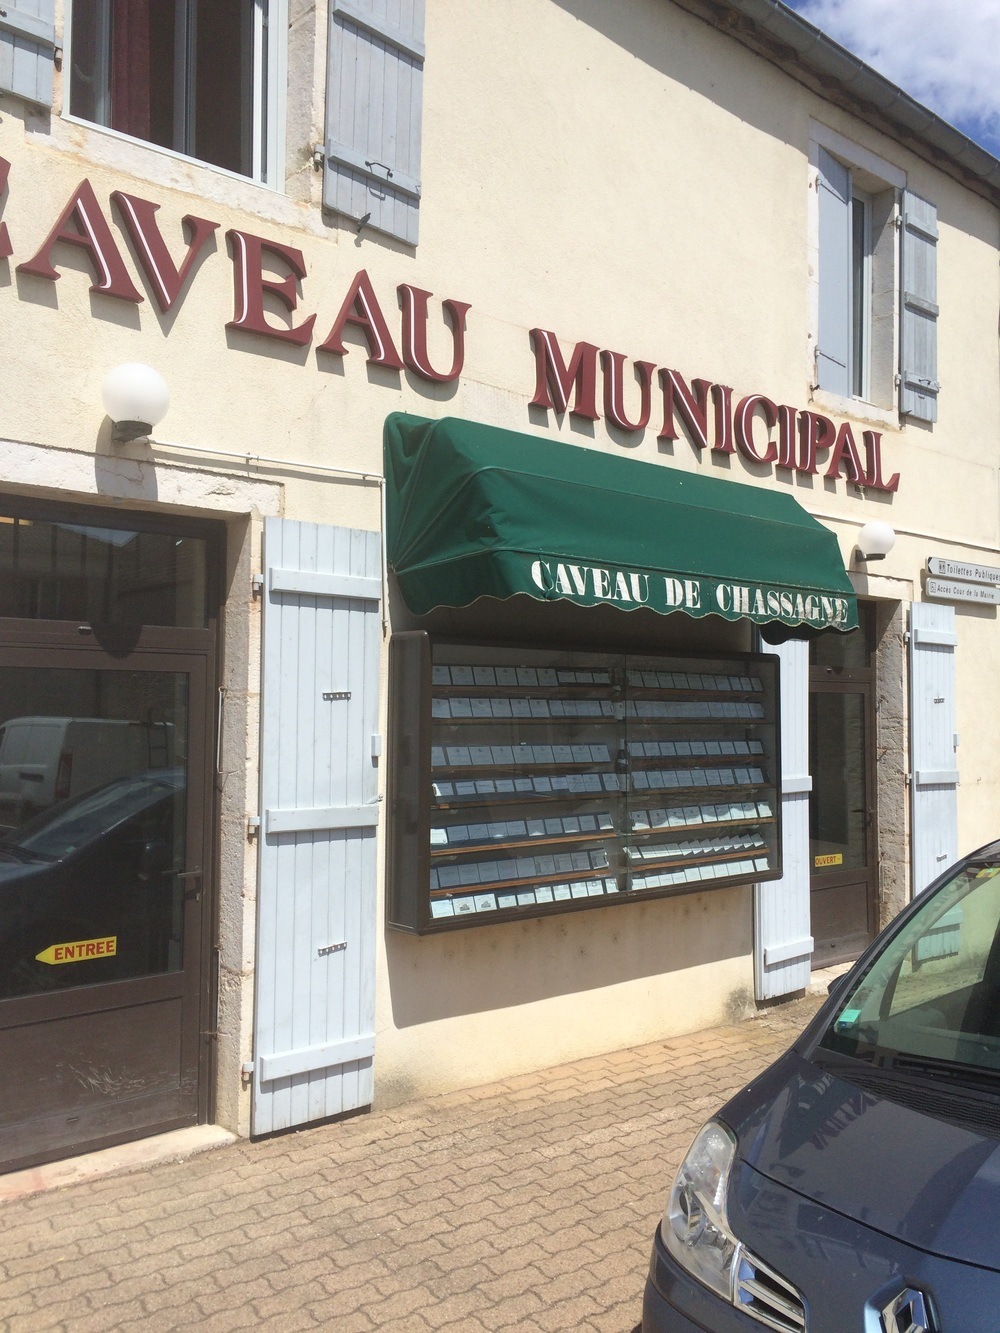 Le Caveau de Chassagne, Chassagne-Montrachet